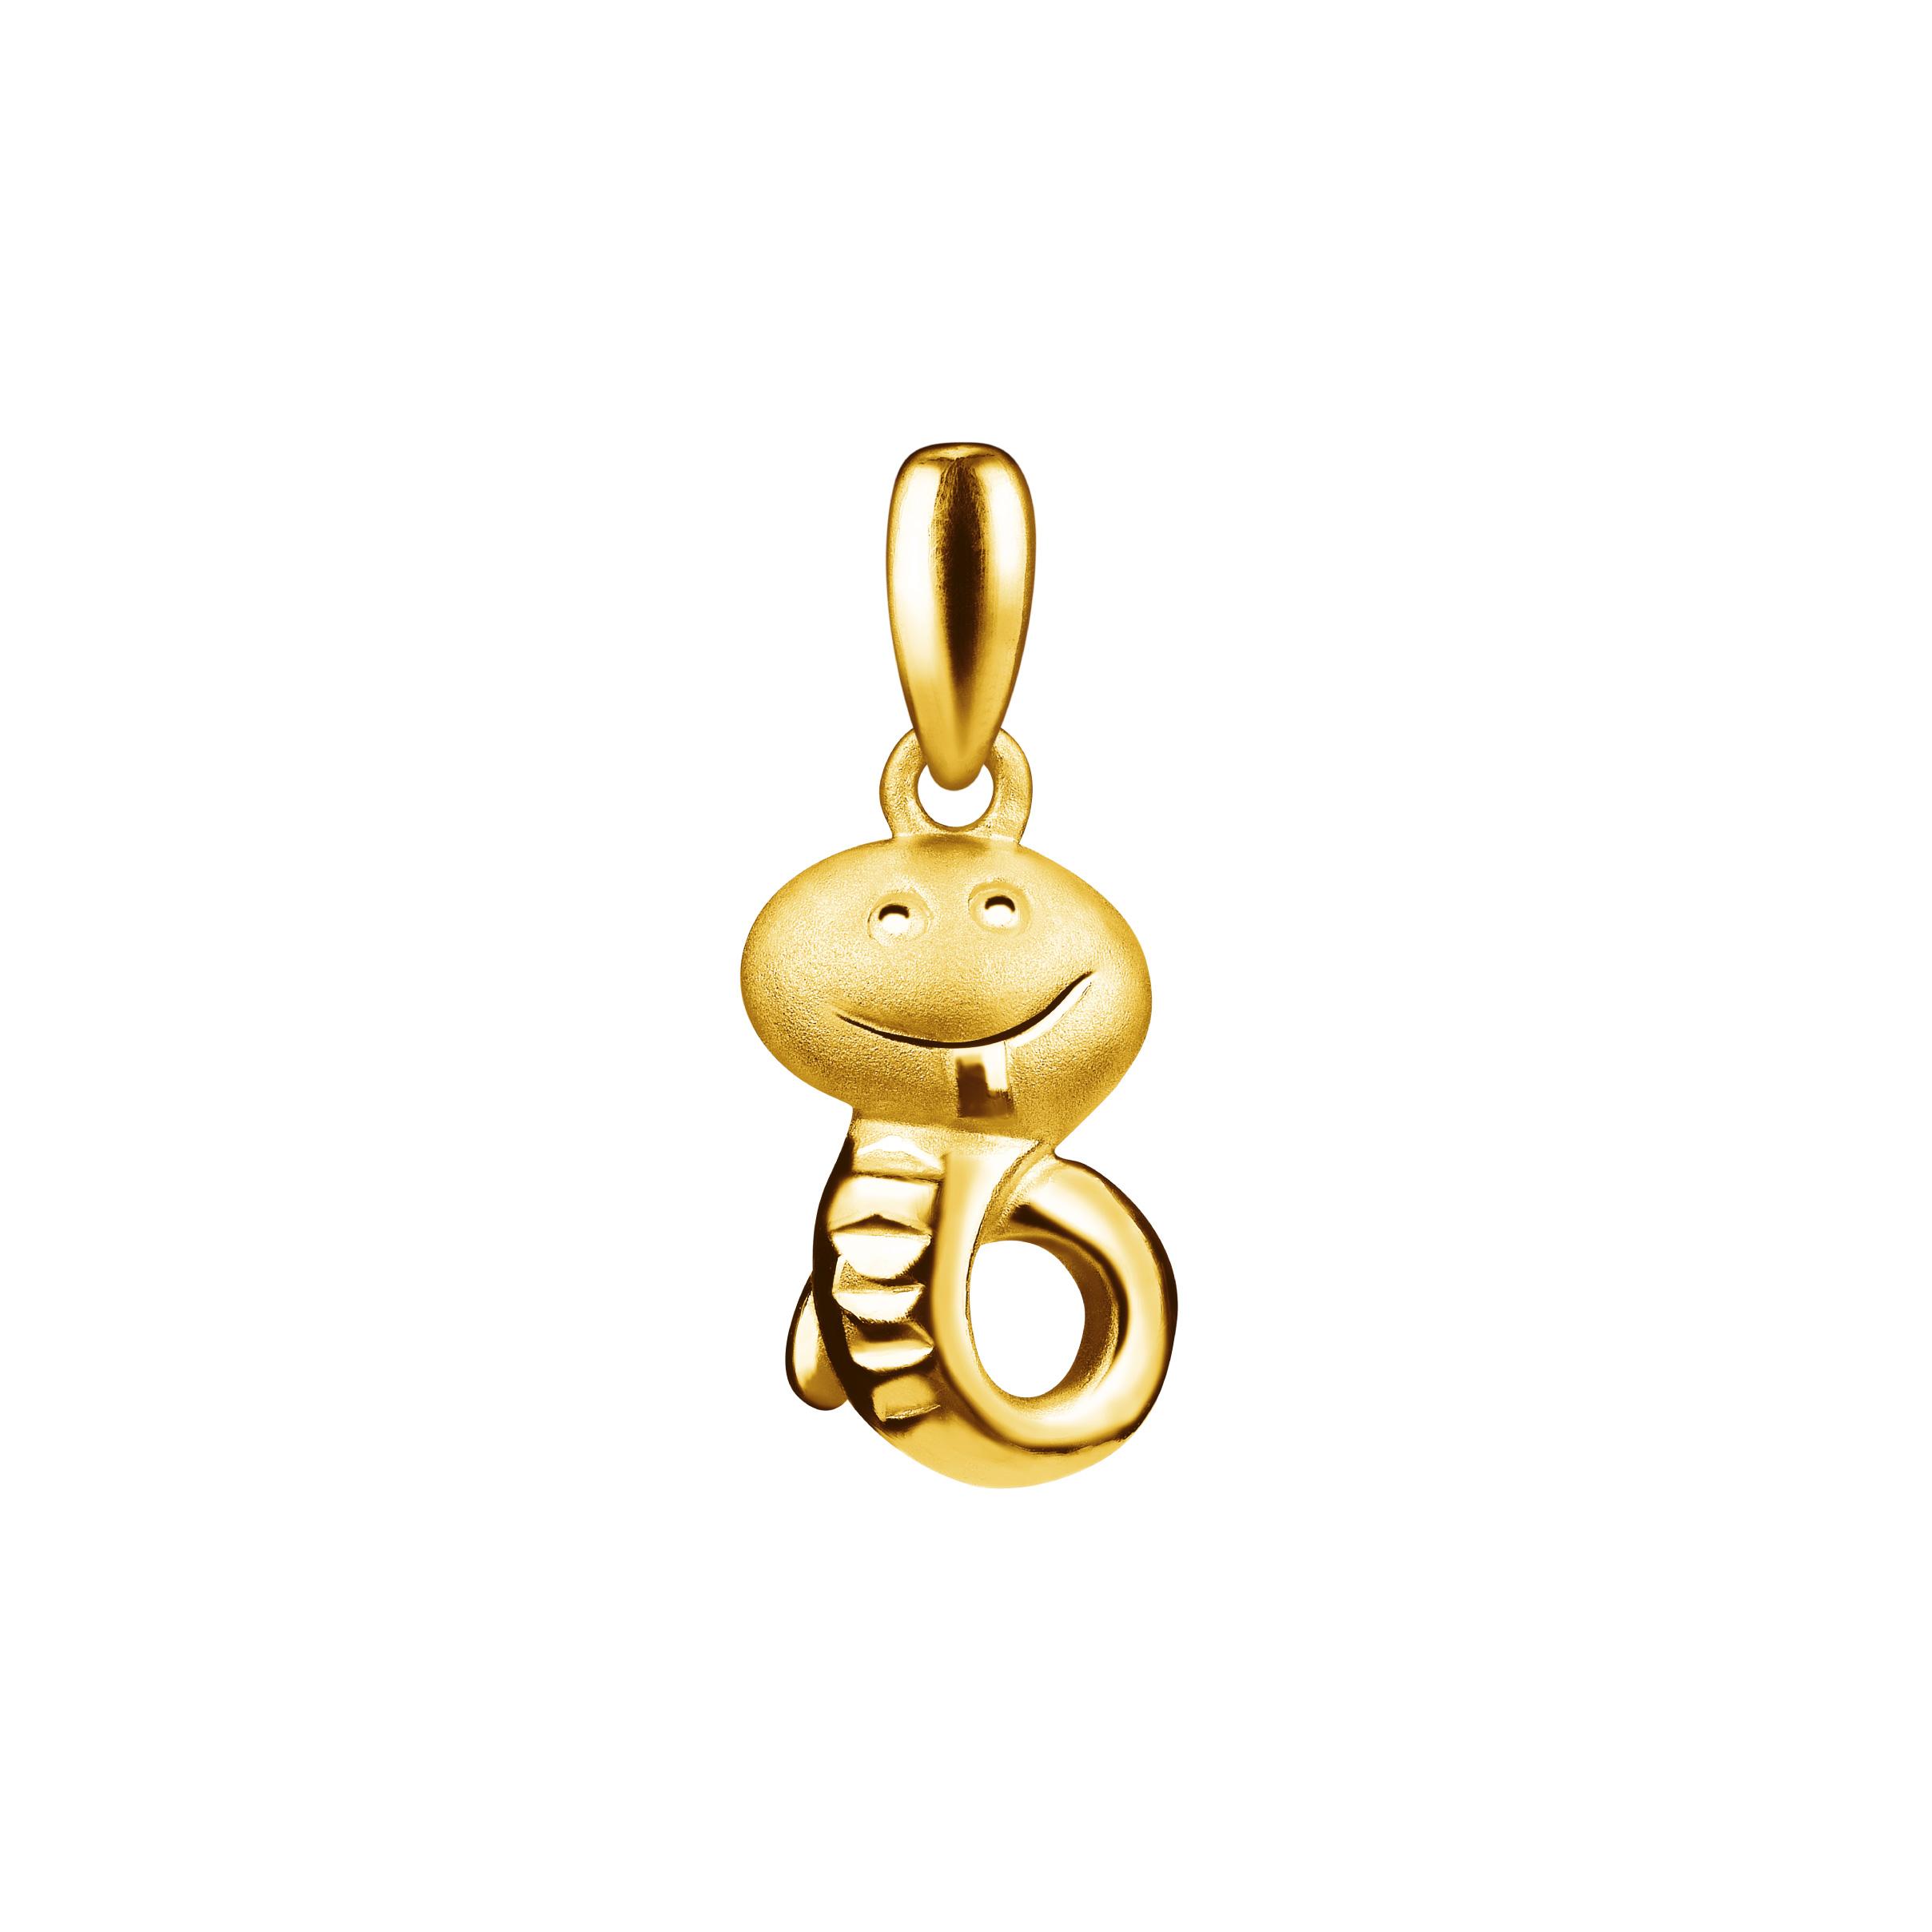 12 Chinese Zodiac Gold Pendant -Snake